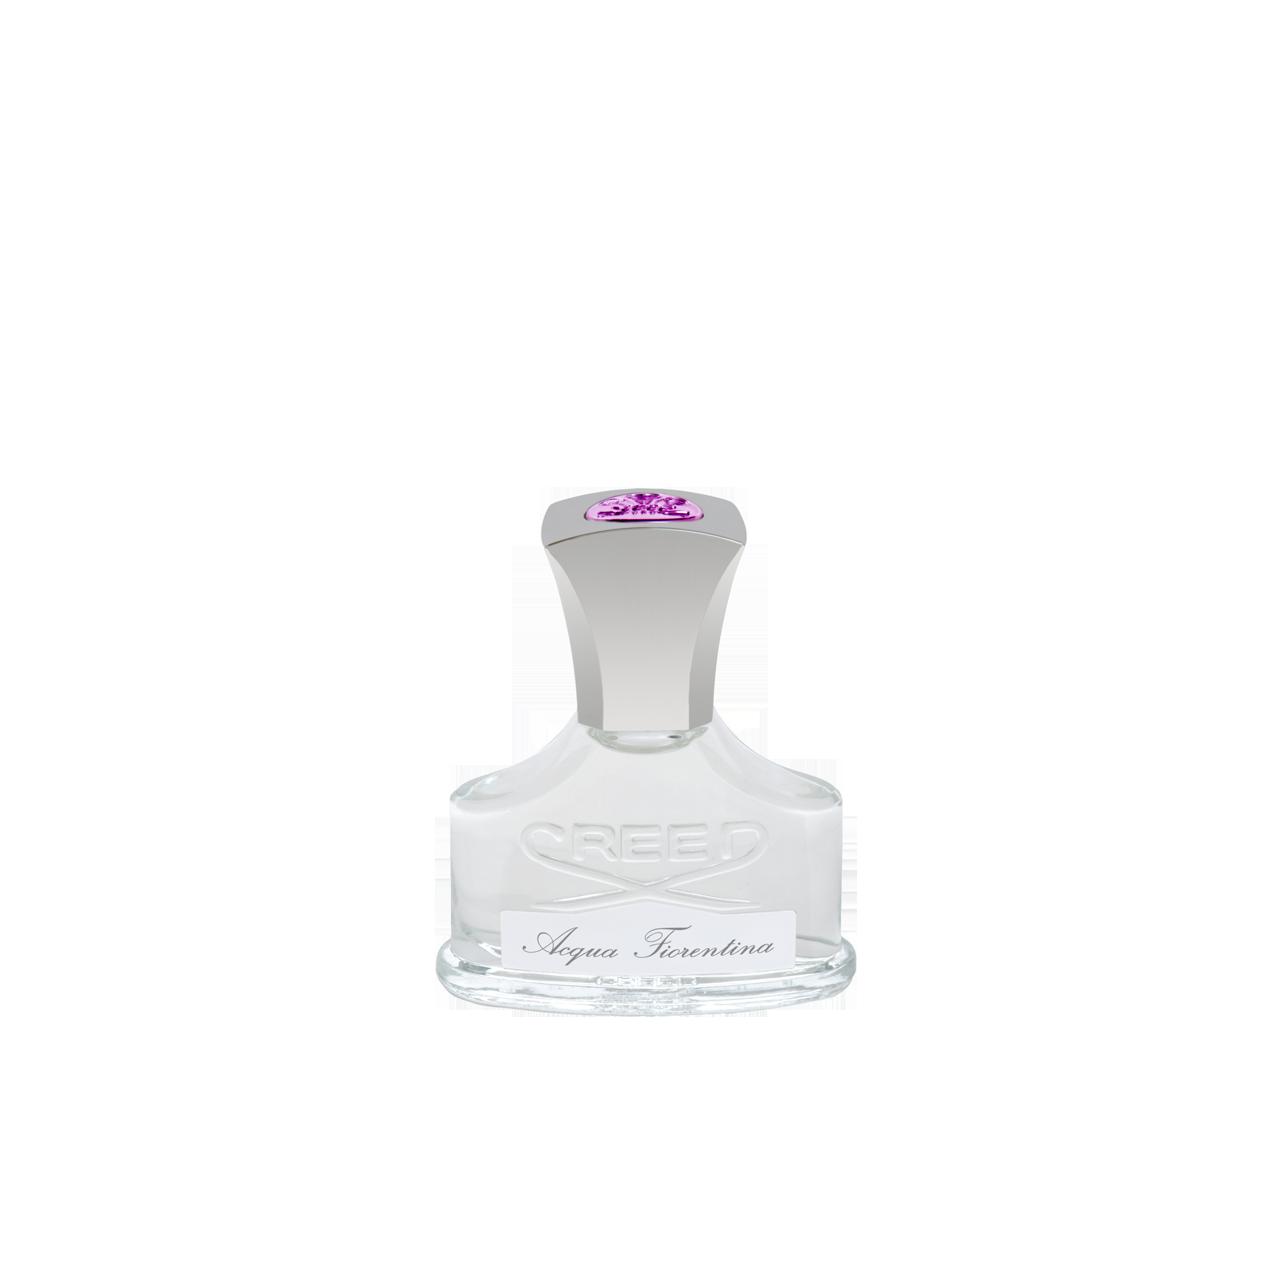 Acqua Fiorentina Millesime